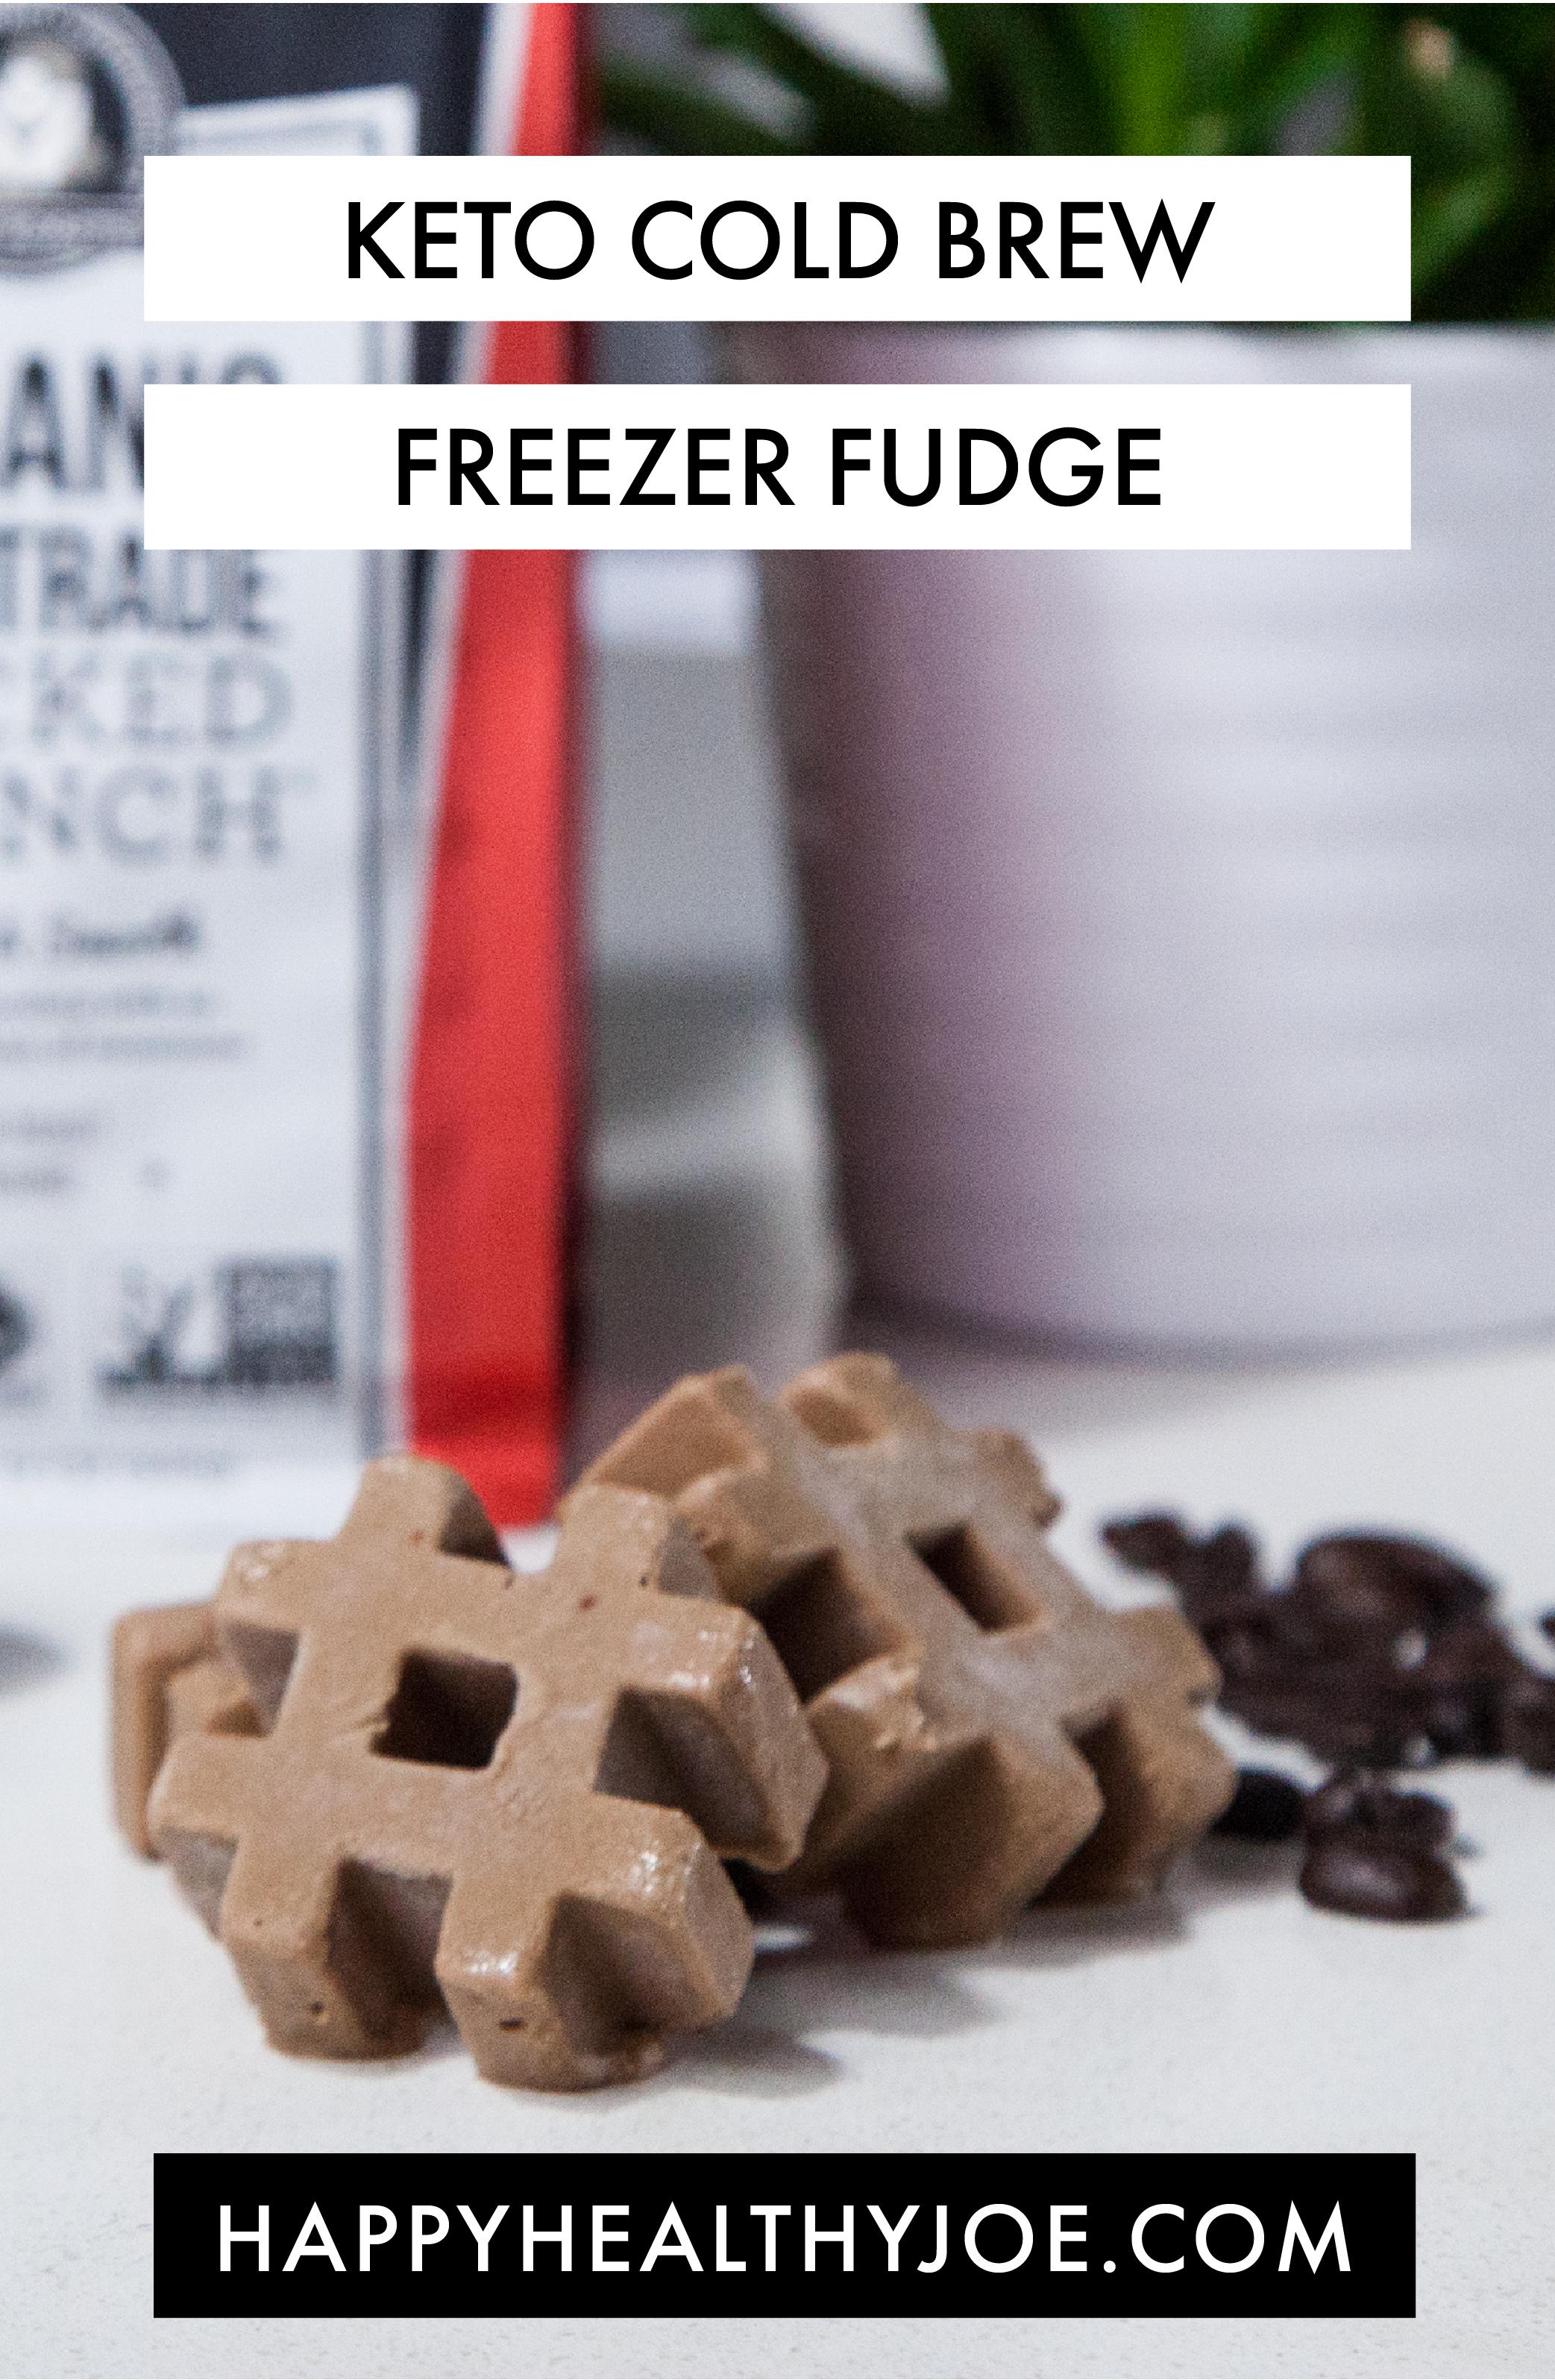 Keto Cold Brew Freezer Fudge Recipe